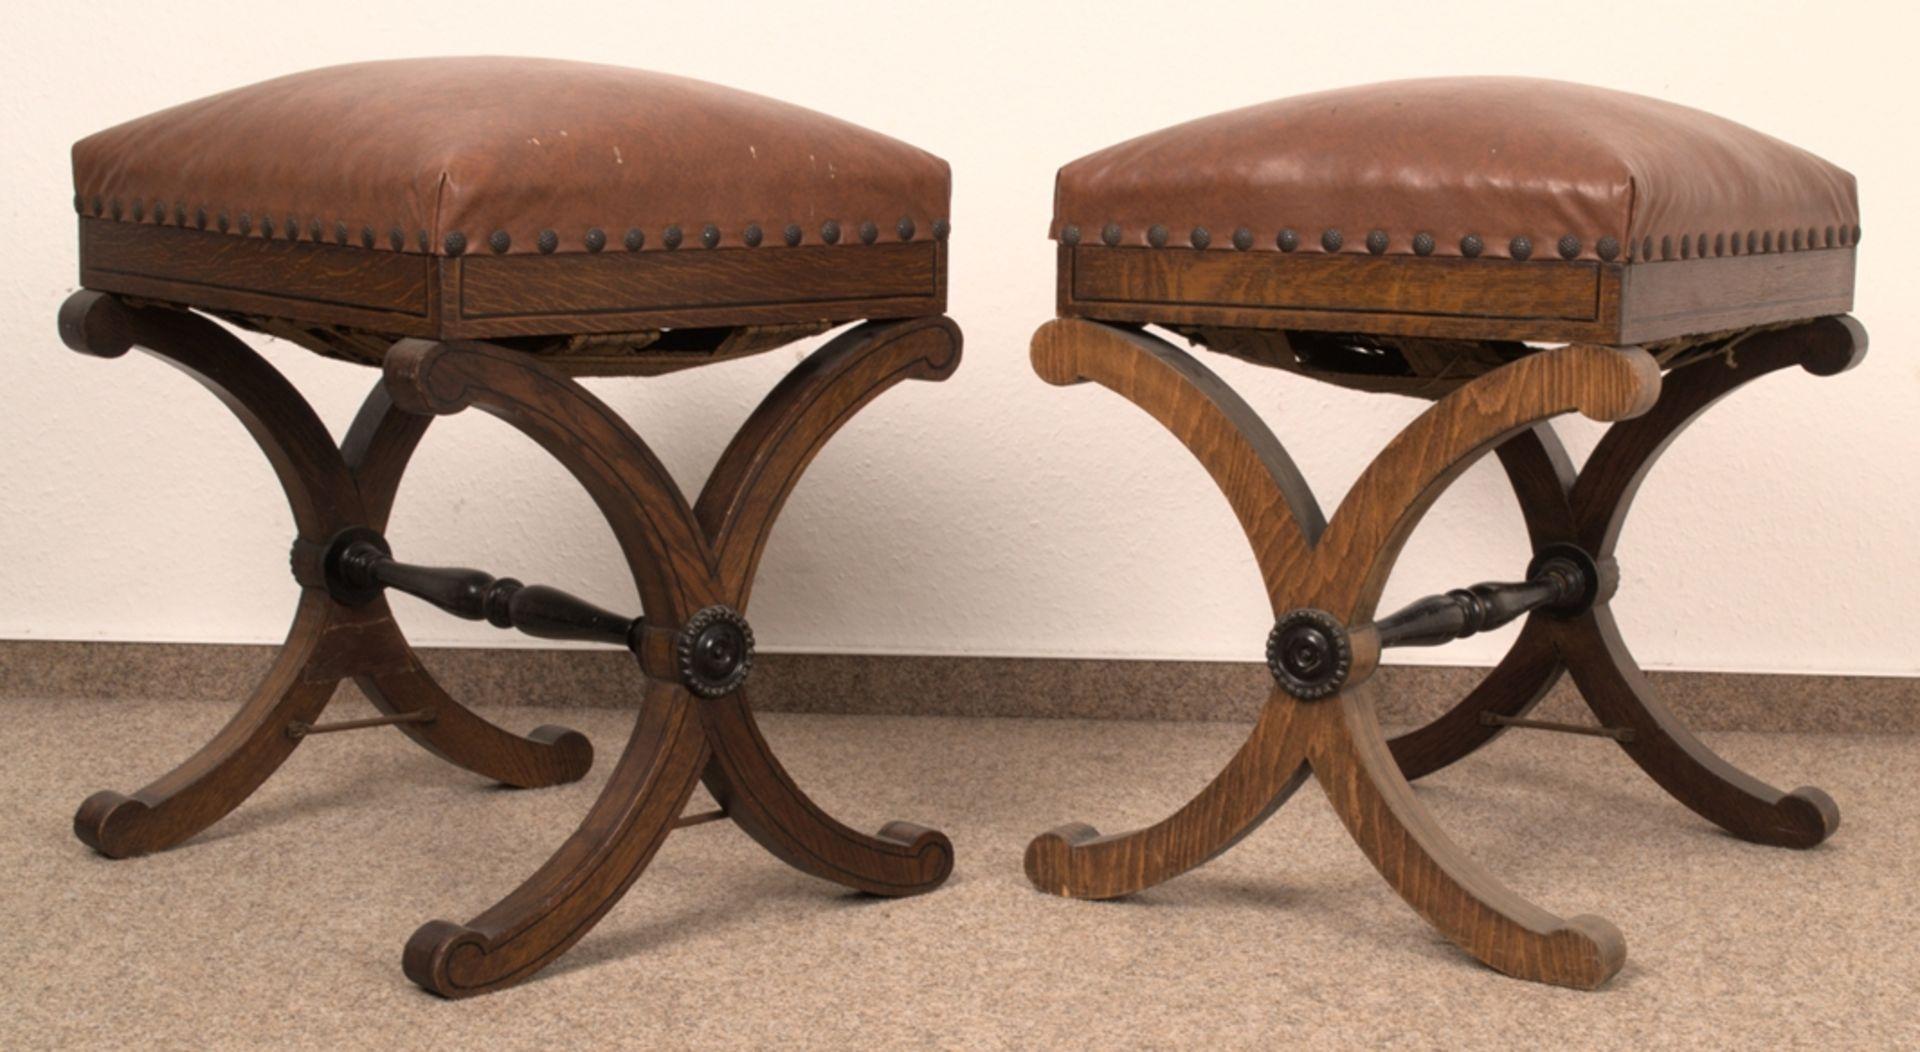 Paar Polsterhocker im Empirestil/Biedermeier-Stil um 1900/20. Eiche massiv & furniert, teilweise mit